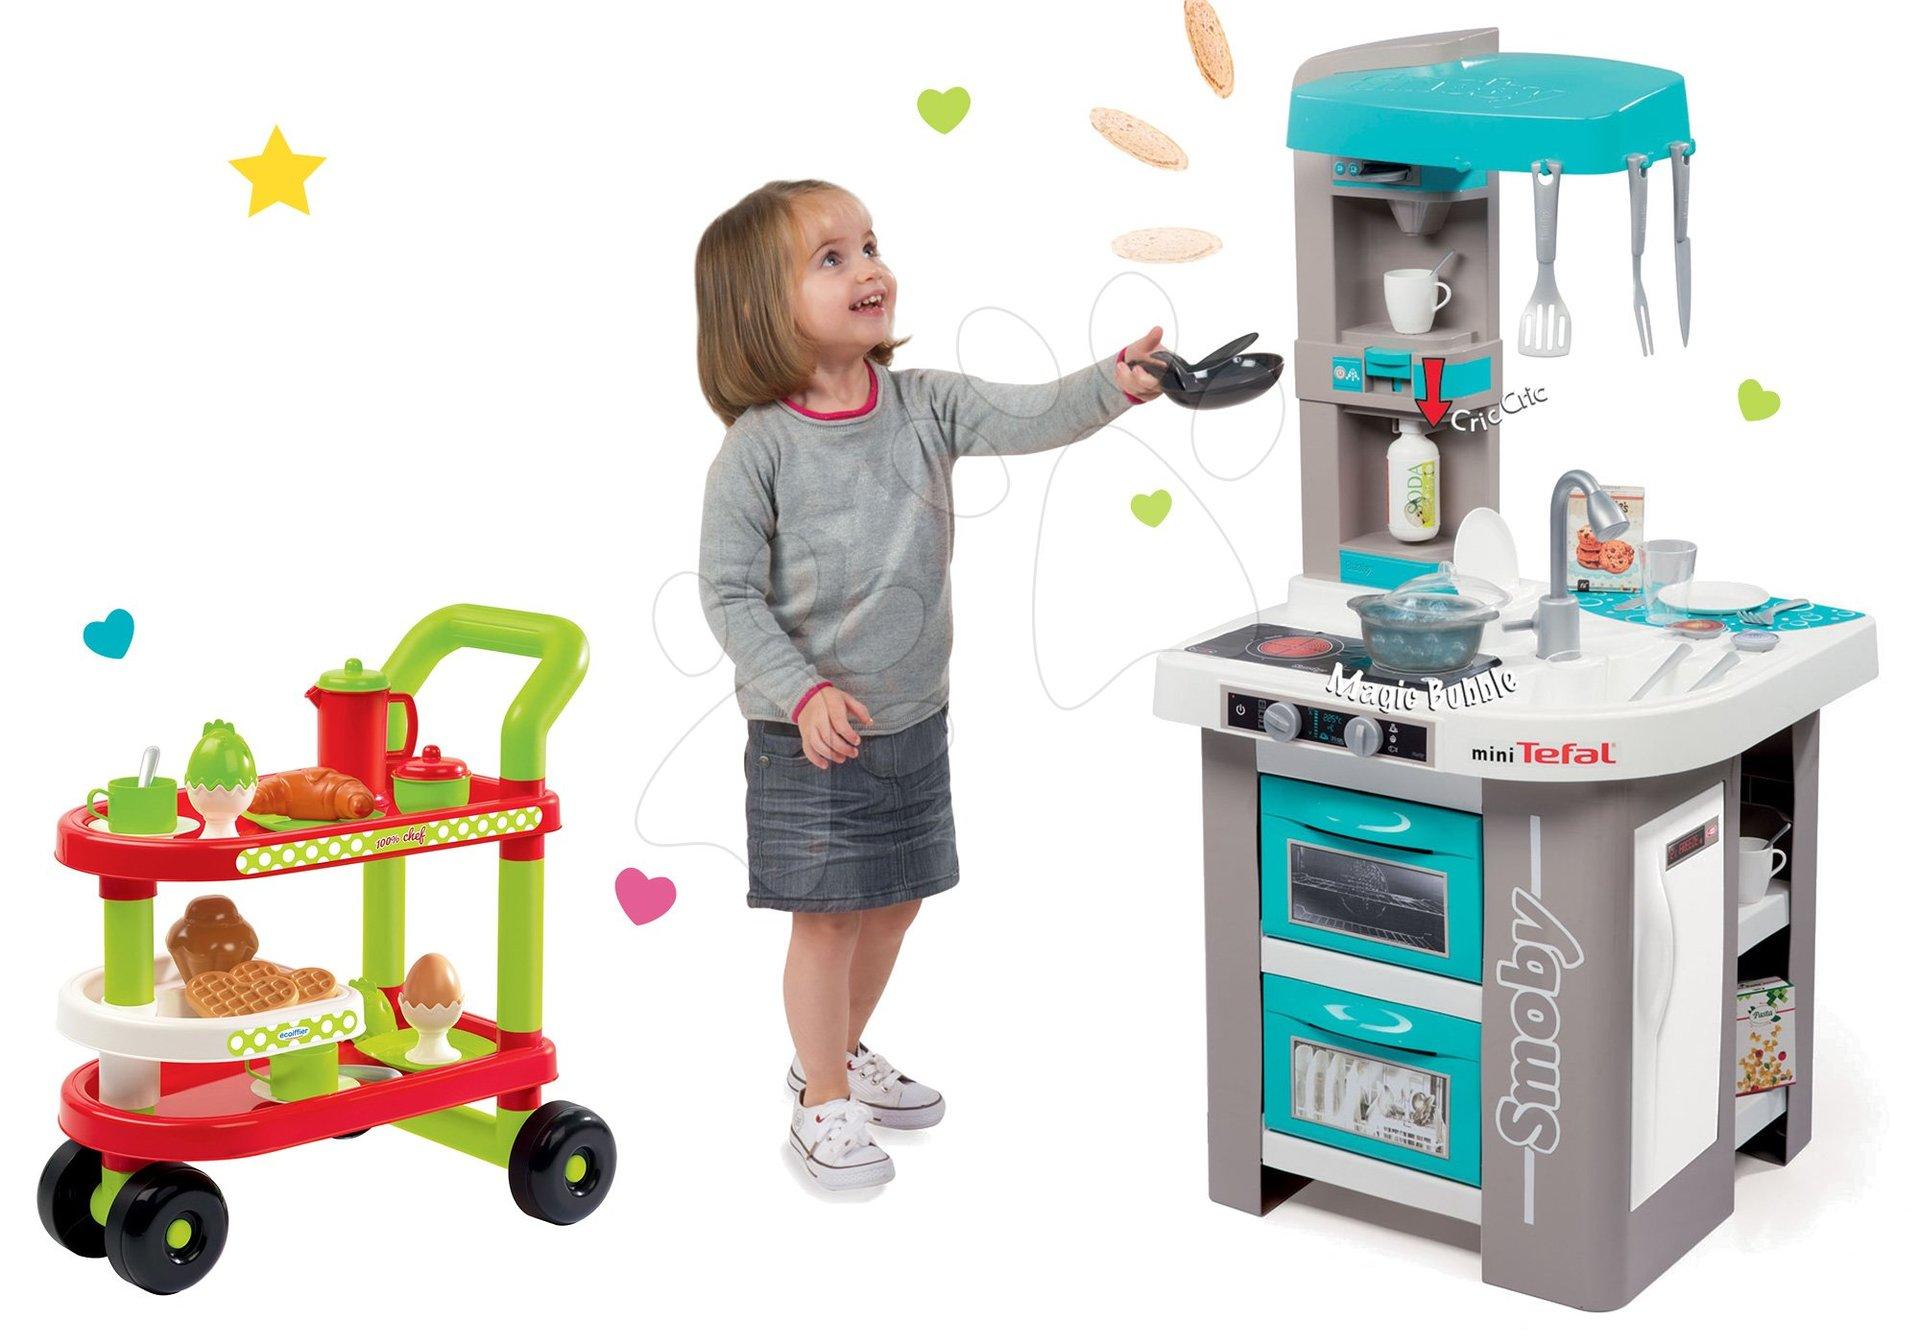 Smoby set kuchynka Tefal Studio Bubble tyrkysová a servírovací vozík s raňajkami 100% Chef 311023-13